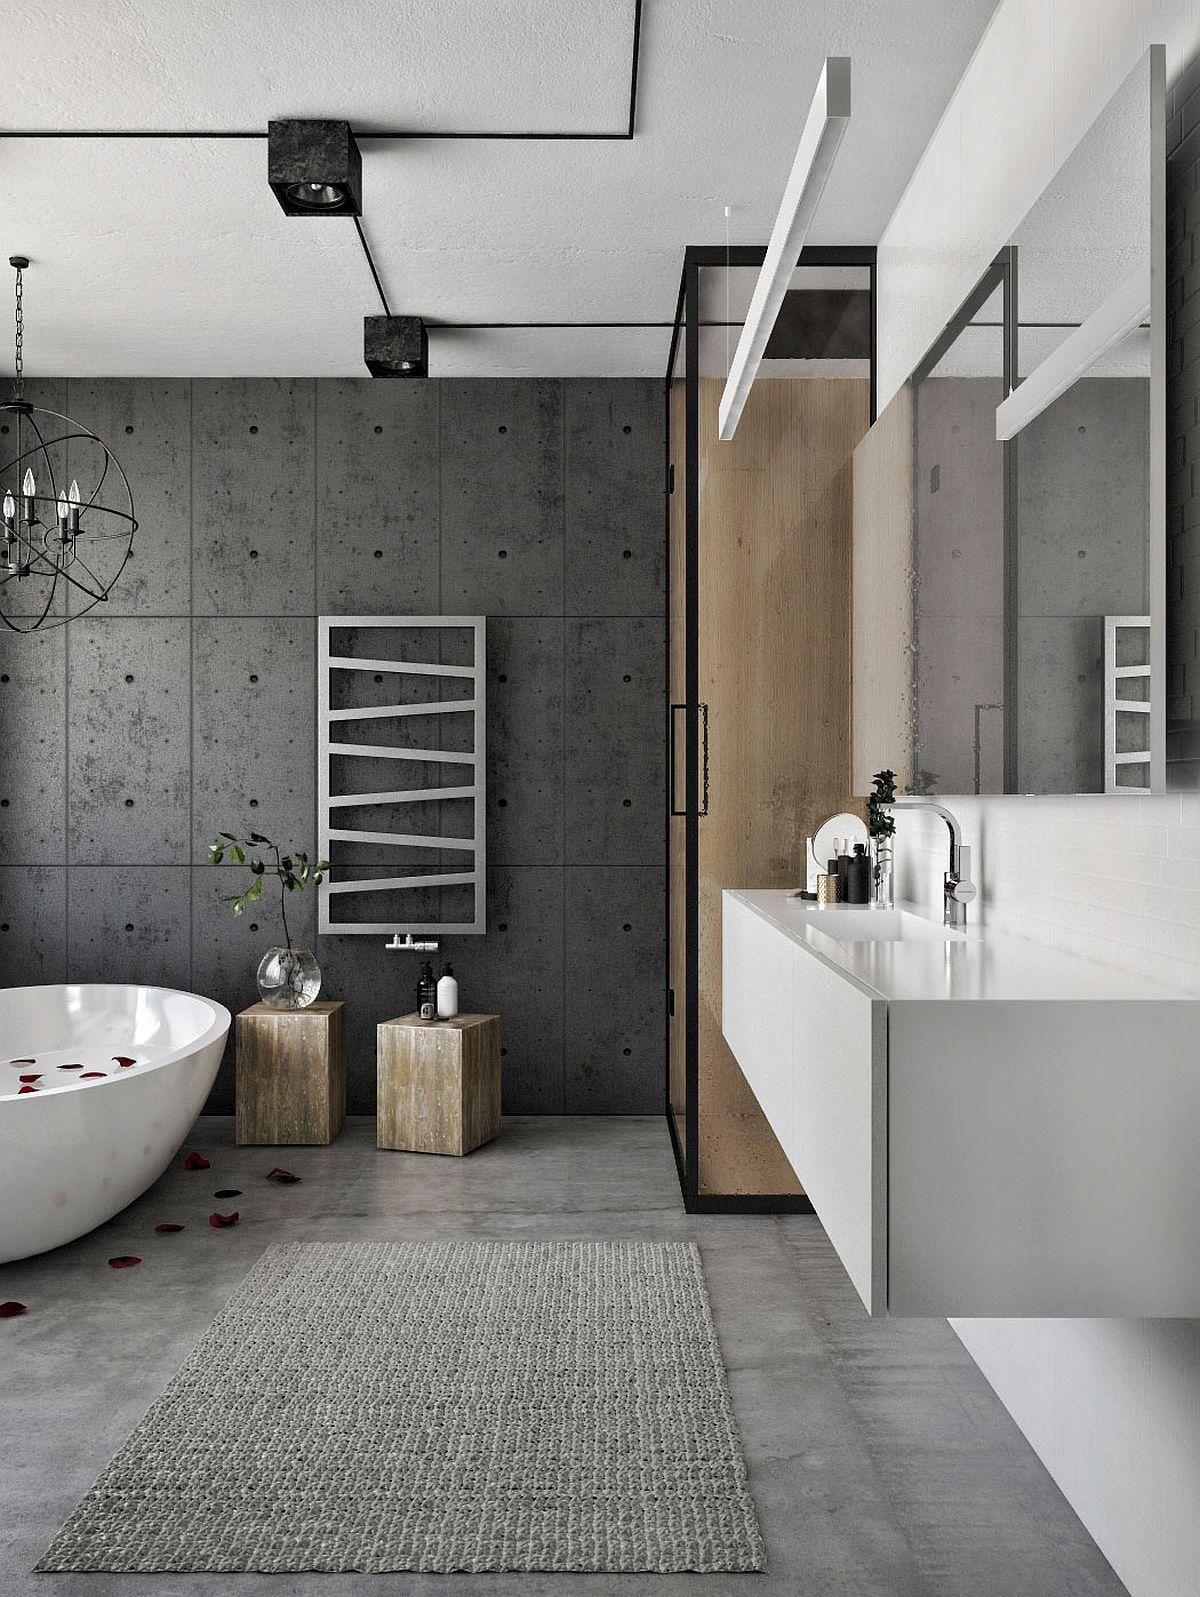 Modern Loft modern loft in kaunas: industrial style wrapped in unpretentious